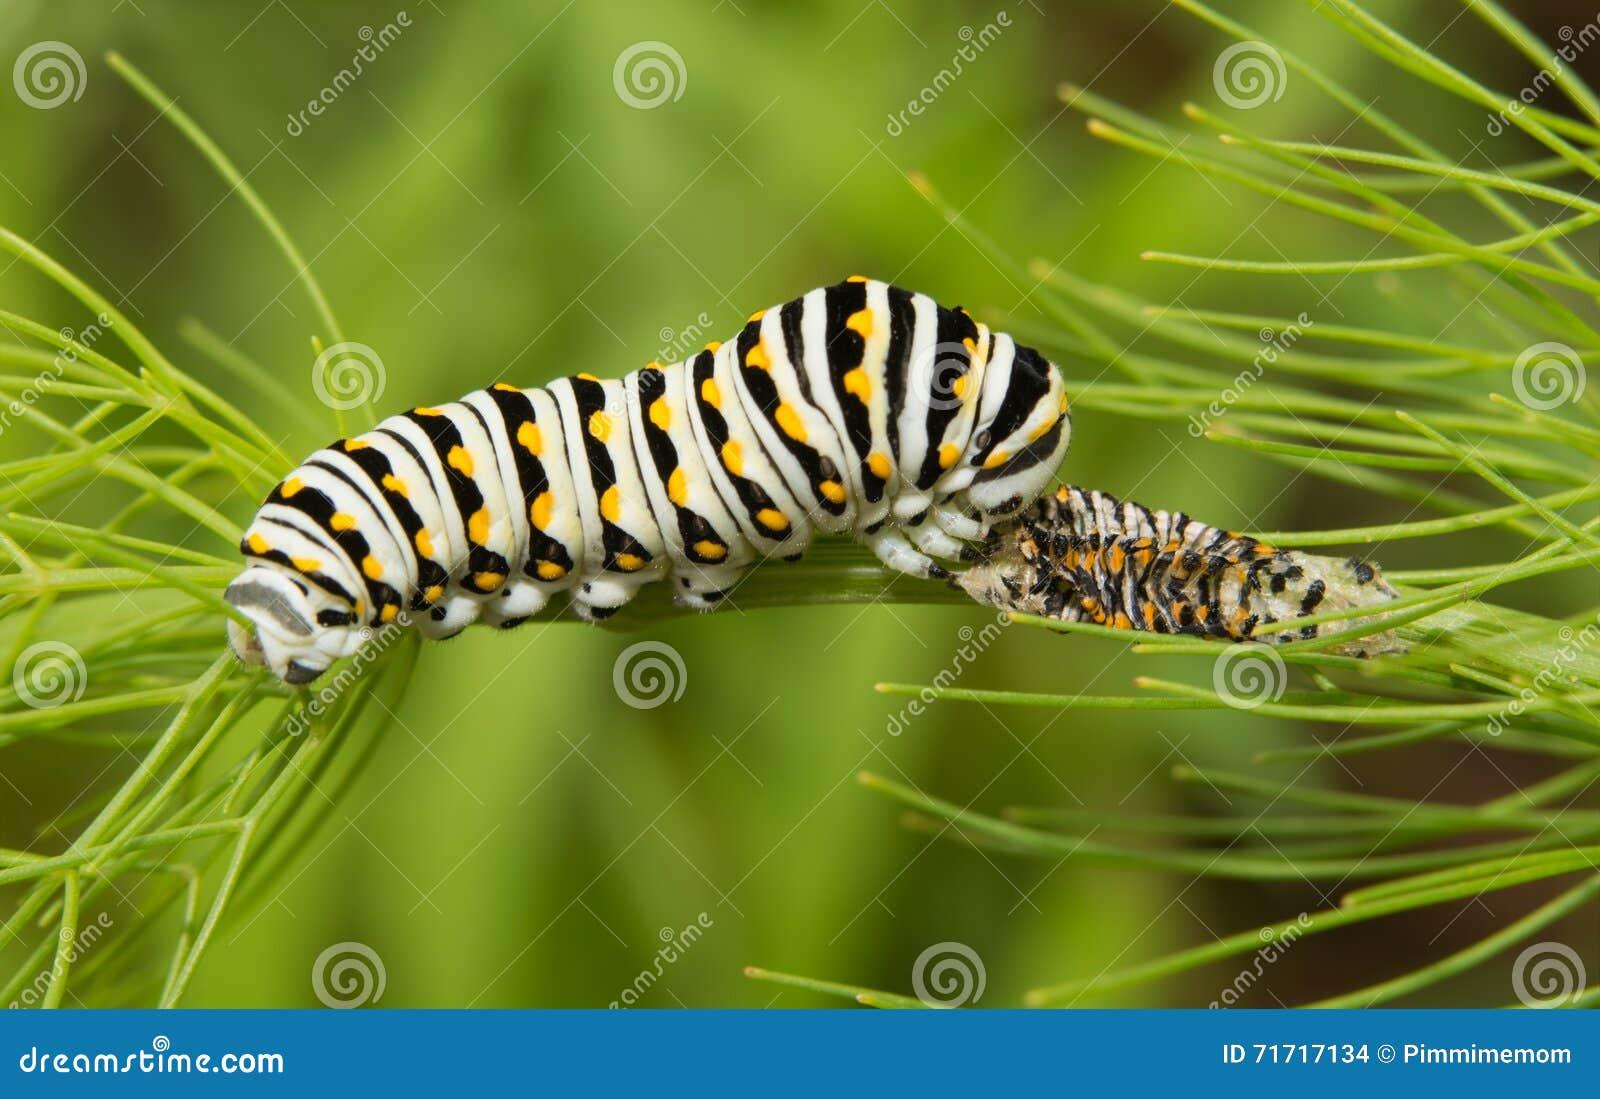 Svart Swallowtail fjärilslarv